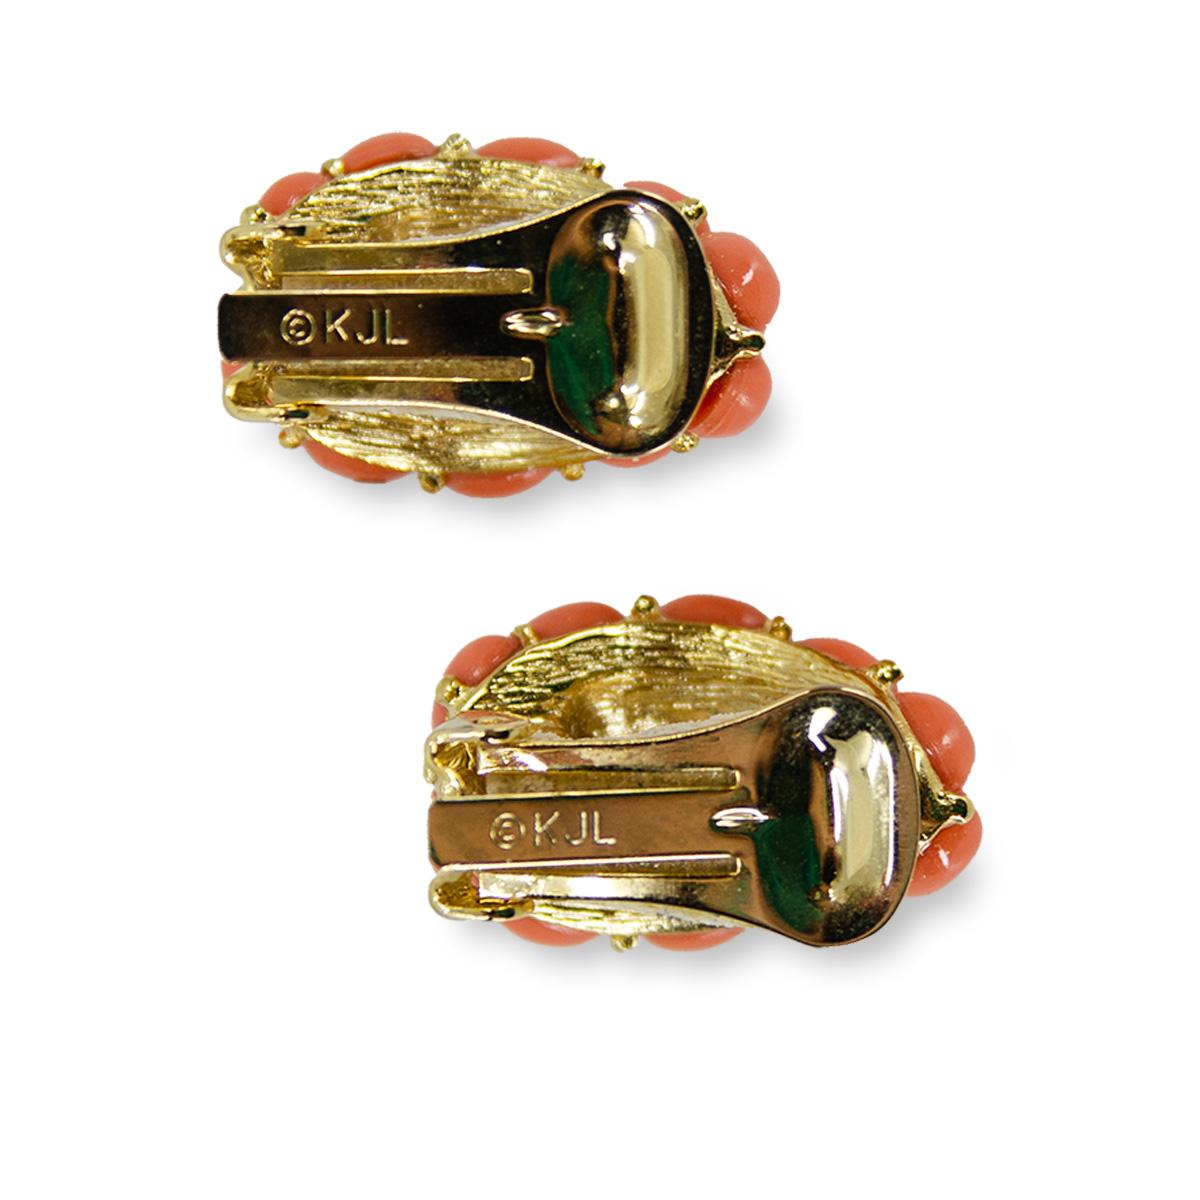 KJL earrings, clip earrings